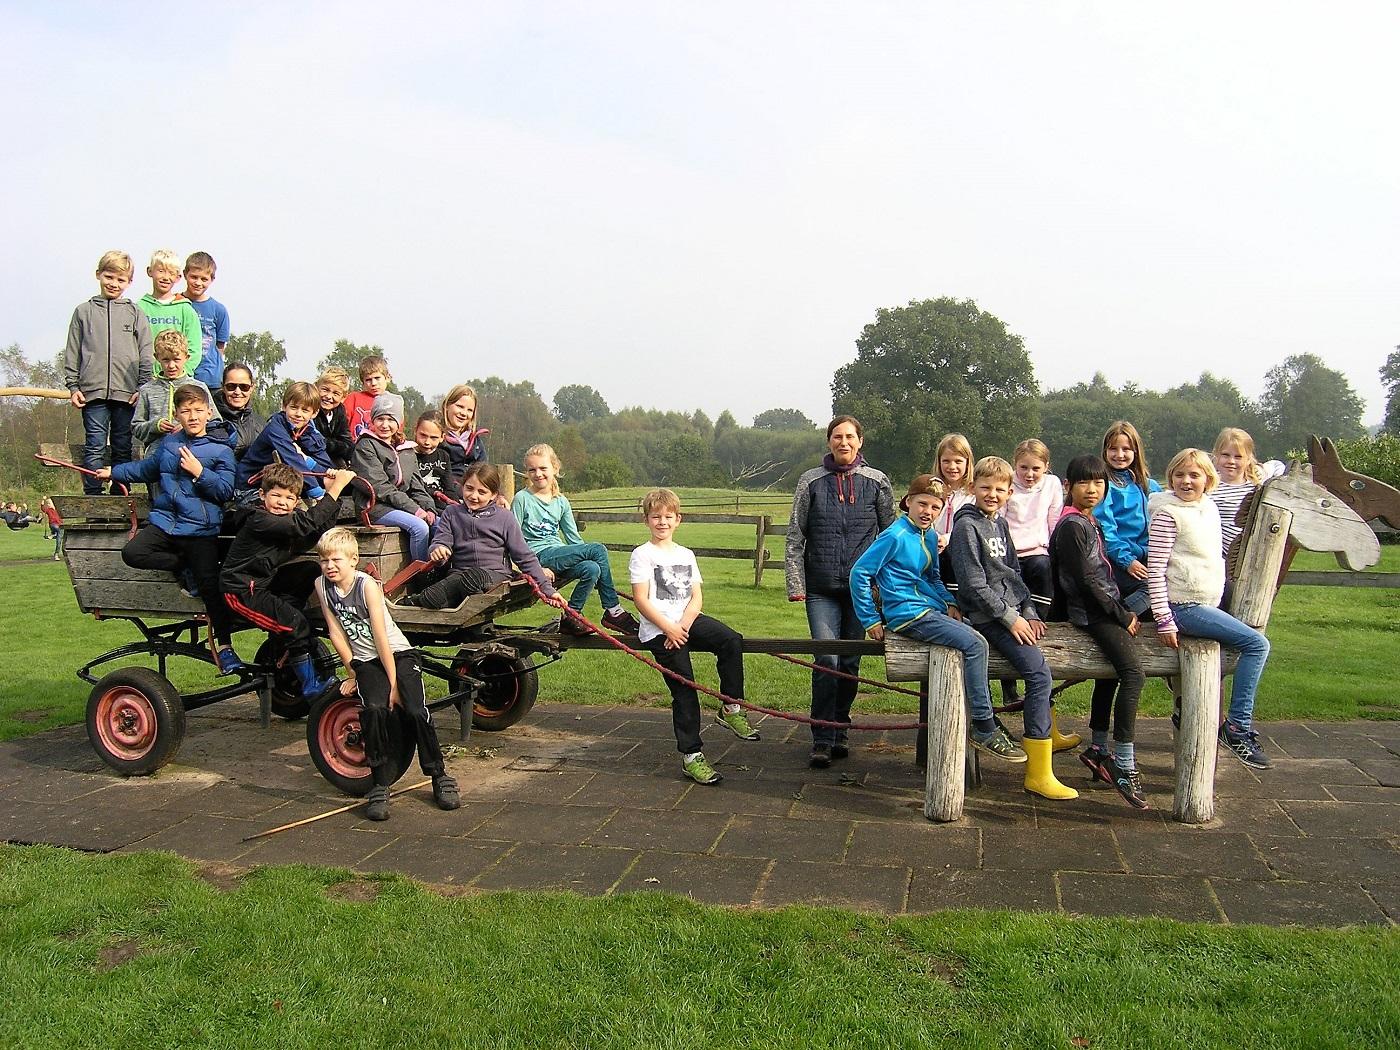 Klettergerüst Ausmalbild : Grundschule buckhorn seite 3